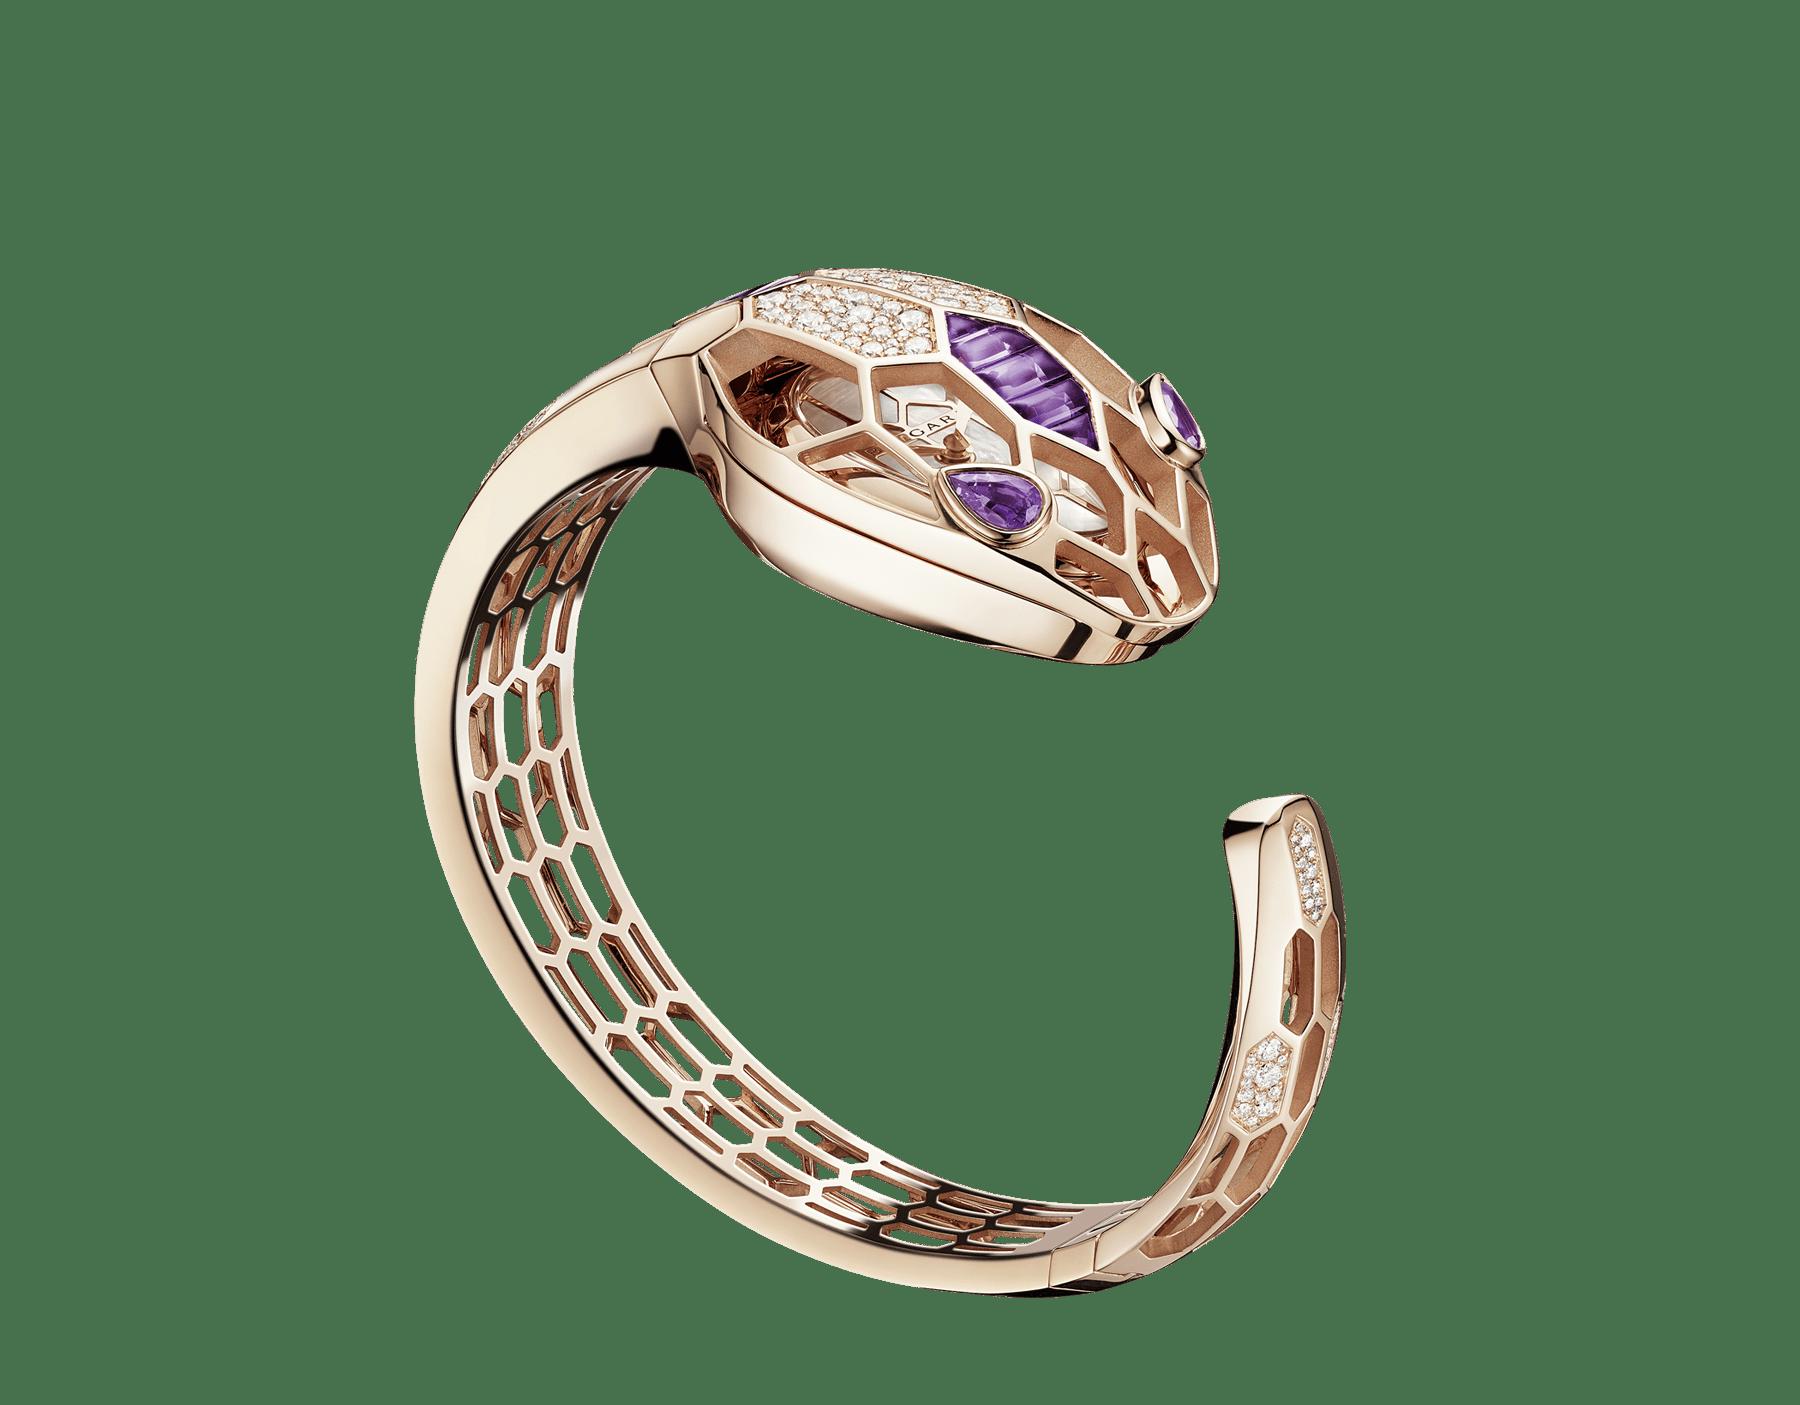 Relógio Secreto Serpenti Misteriosi com caixa e pulseira em ouro rosa 18K, ambas cravejadas com diamantes redondos lapidação brilhante e ametistas lapidação baguete, mostrador em madrepérola e olhos de ametista em formato pera. Tamanho médio 103056 image 1